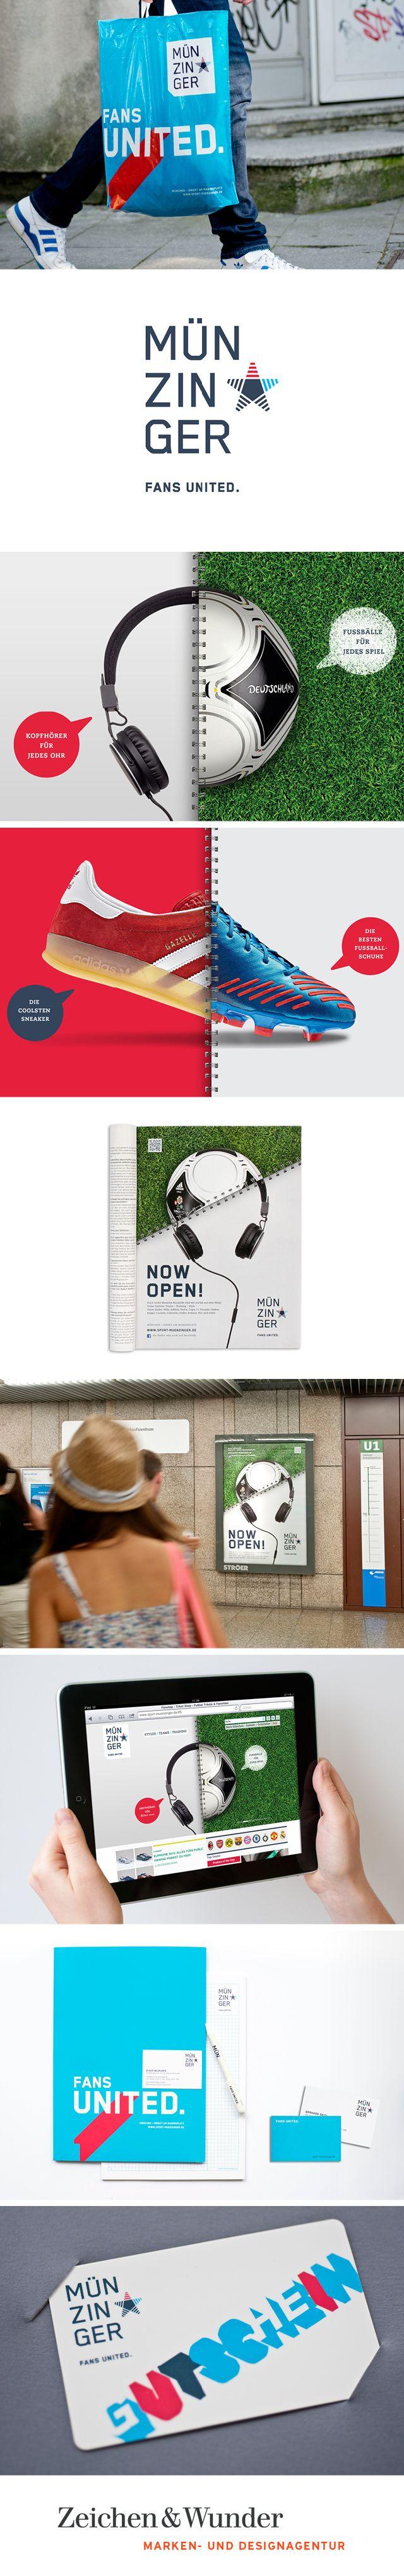 SPORT MÜNZINGER / Relaunch des Markenauftritts / #Corporate #Design #Sportswear #POS / by Zeichen & Wunder, München